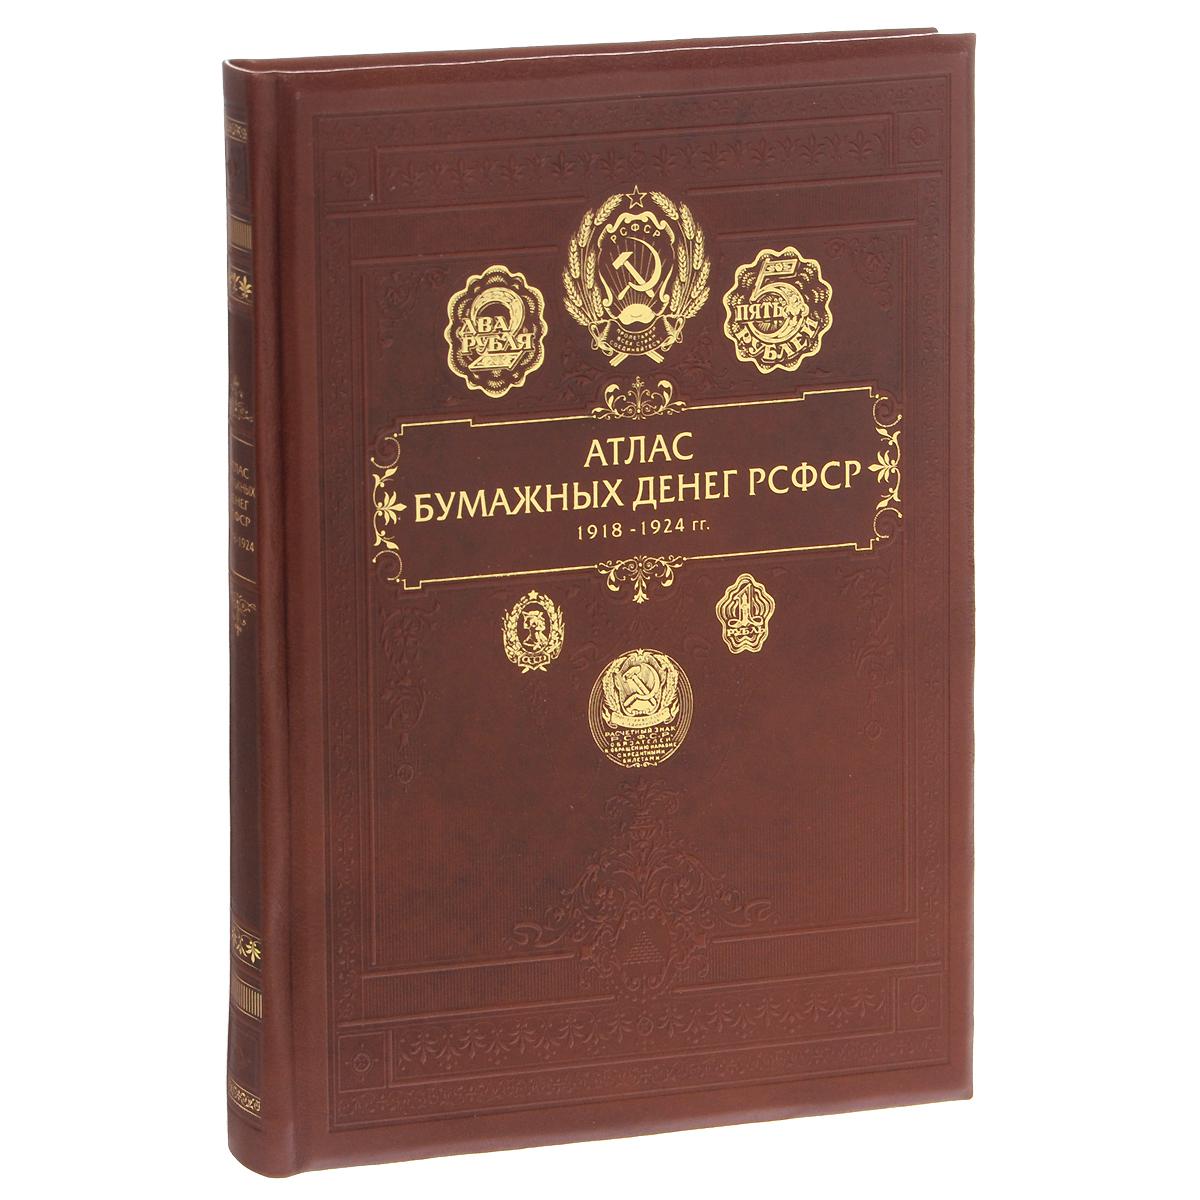 Атлас бумажных денег РСФСР. 1918-1924 гг. (подарочное издание)